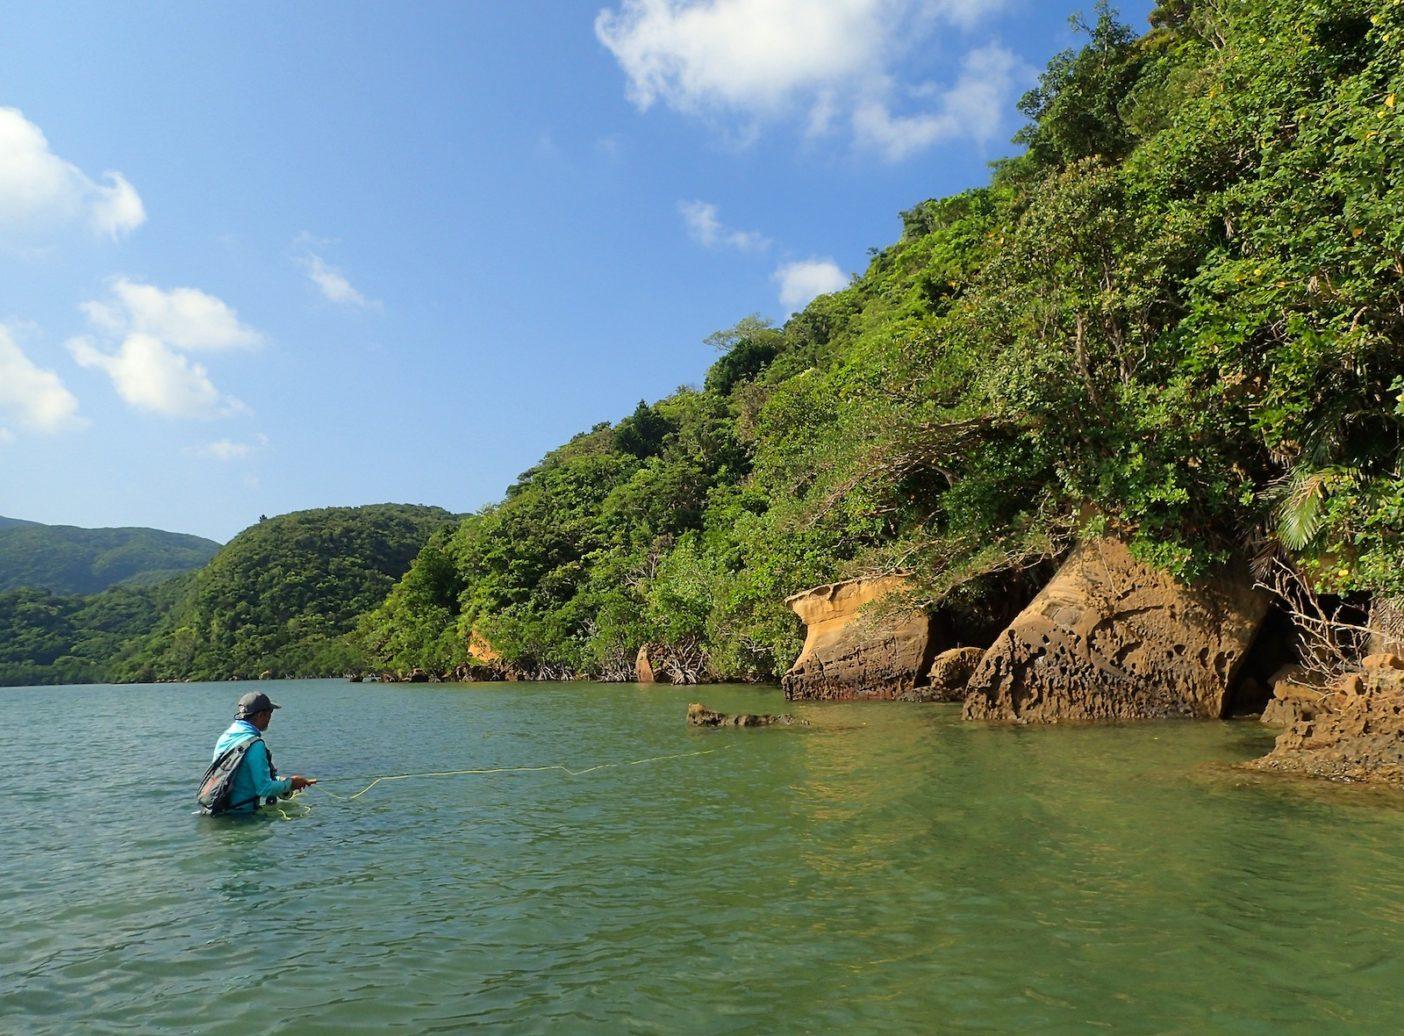 河口近くのマングローブエリア。時には腰うえまで浸かりながら岸際の物陰を丹念に探っていく  写真:中根淳一